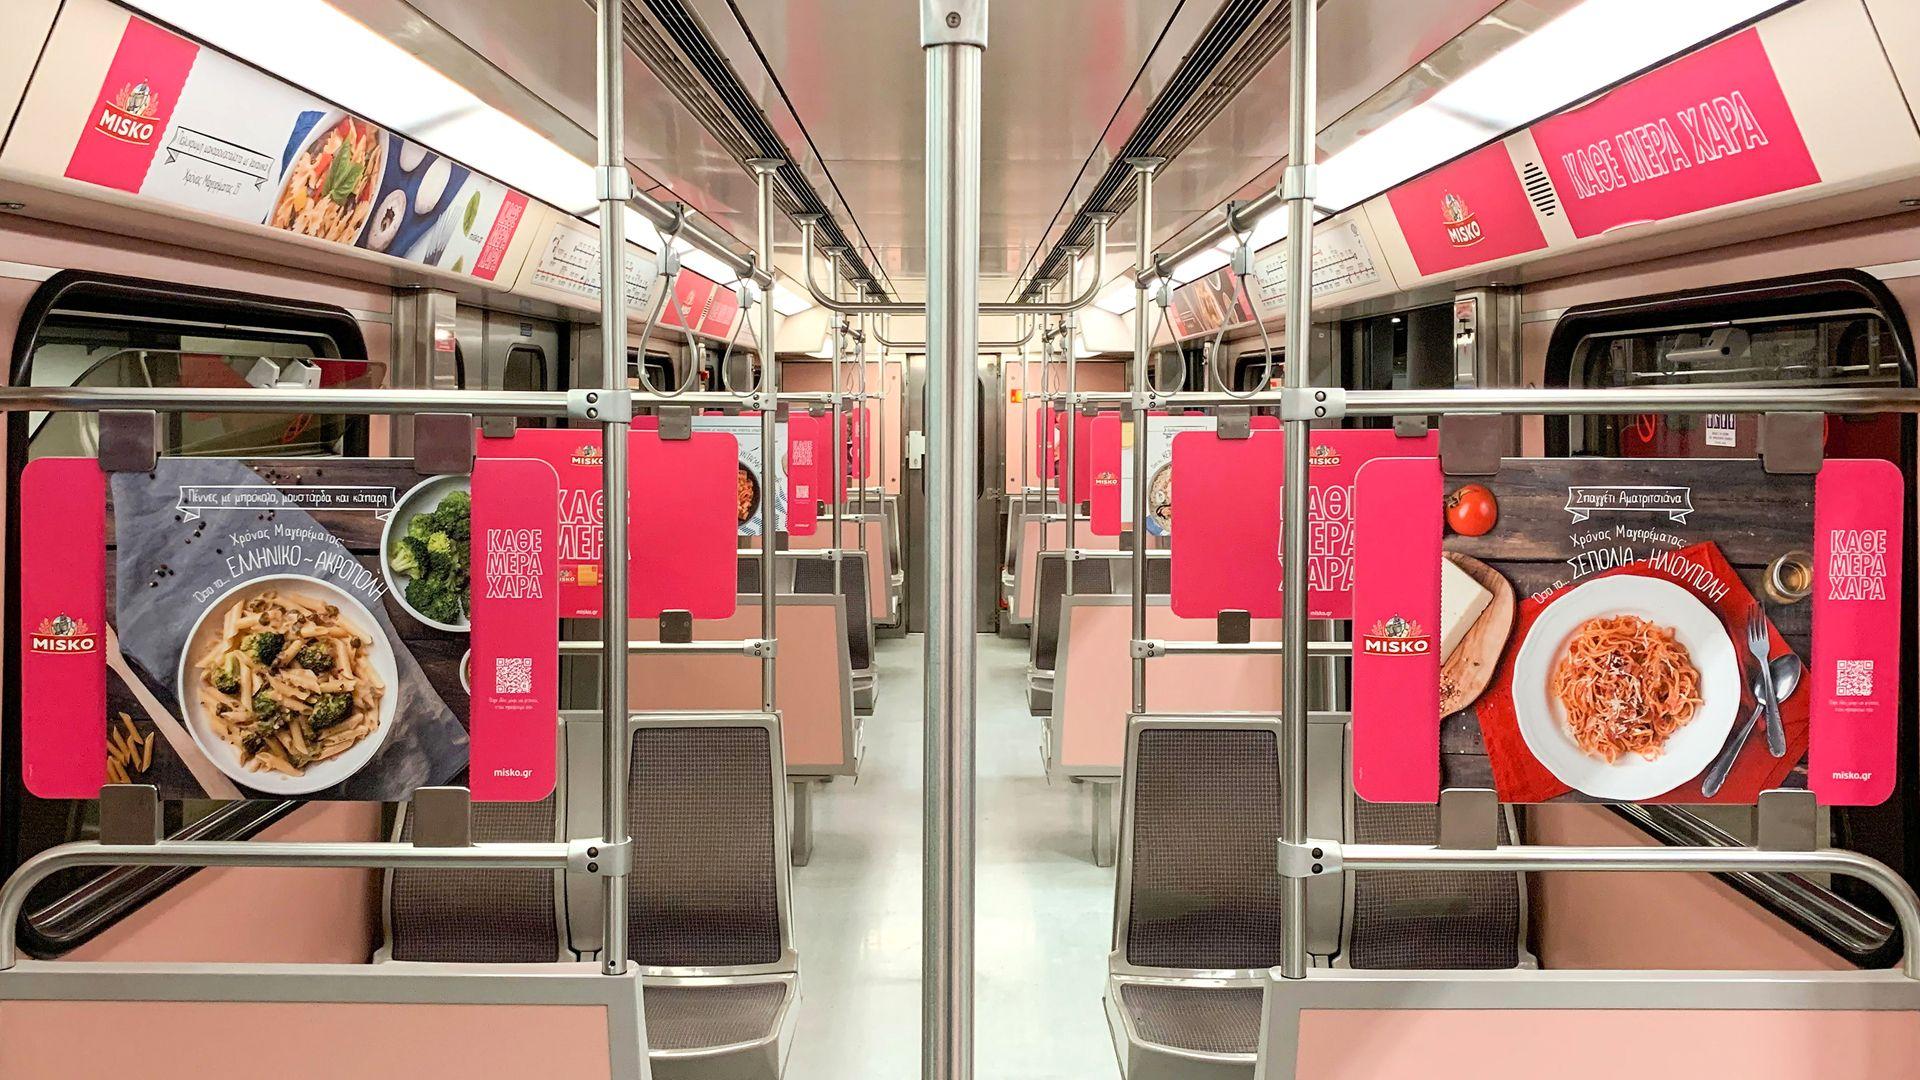 01-print-outdoor-metro-misko.jpg